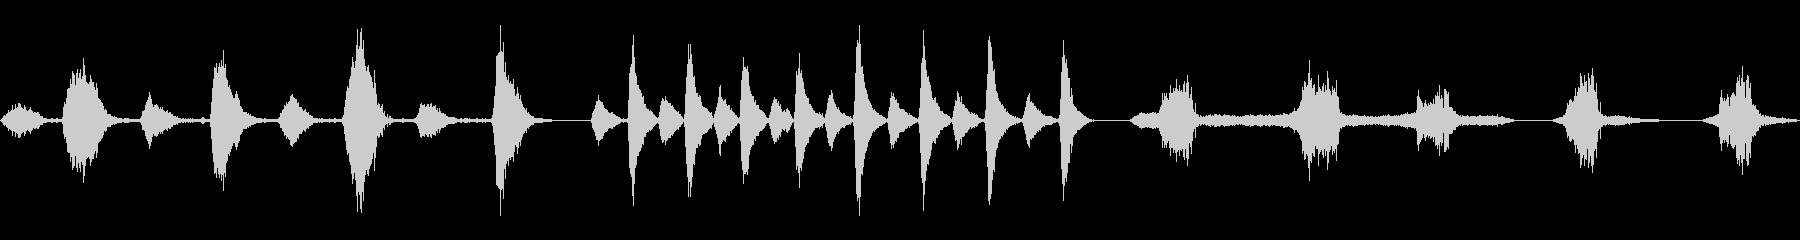 人間、呼吸、呼吸、いびき、5つのバ...の未再生の波形